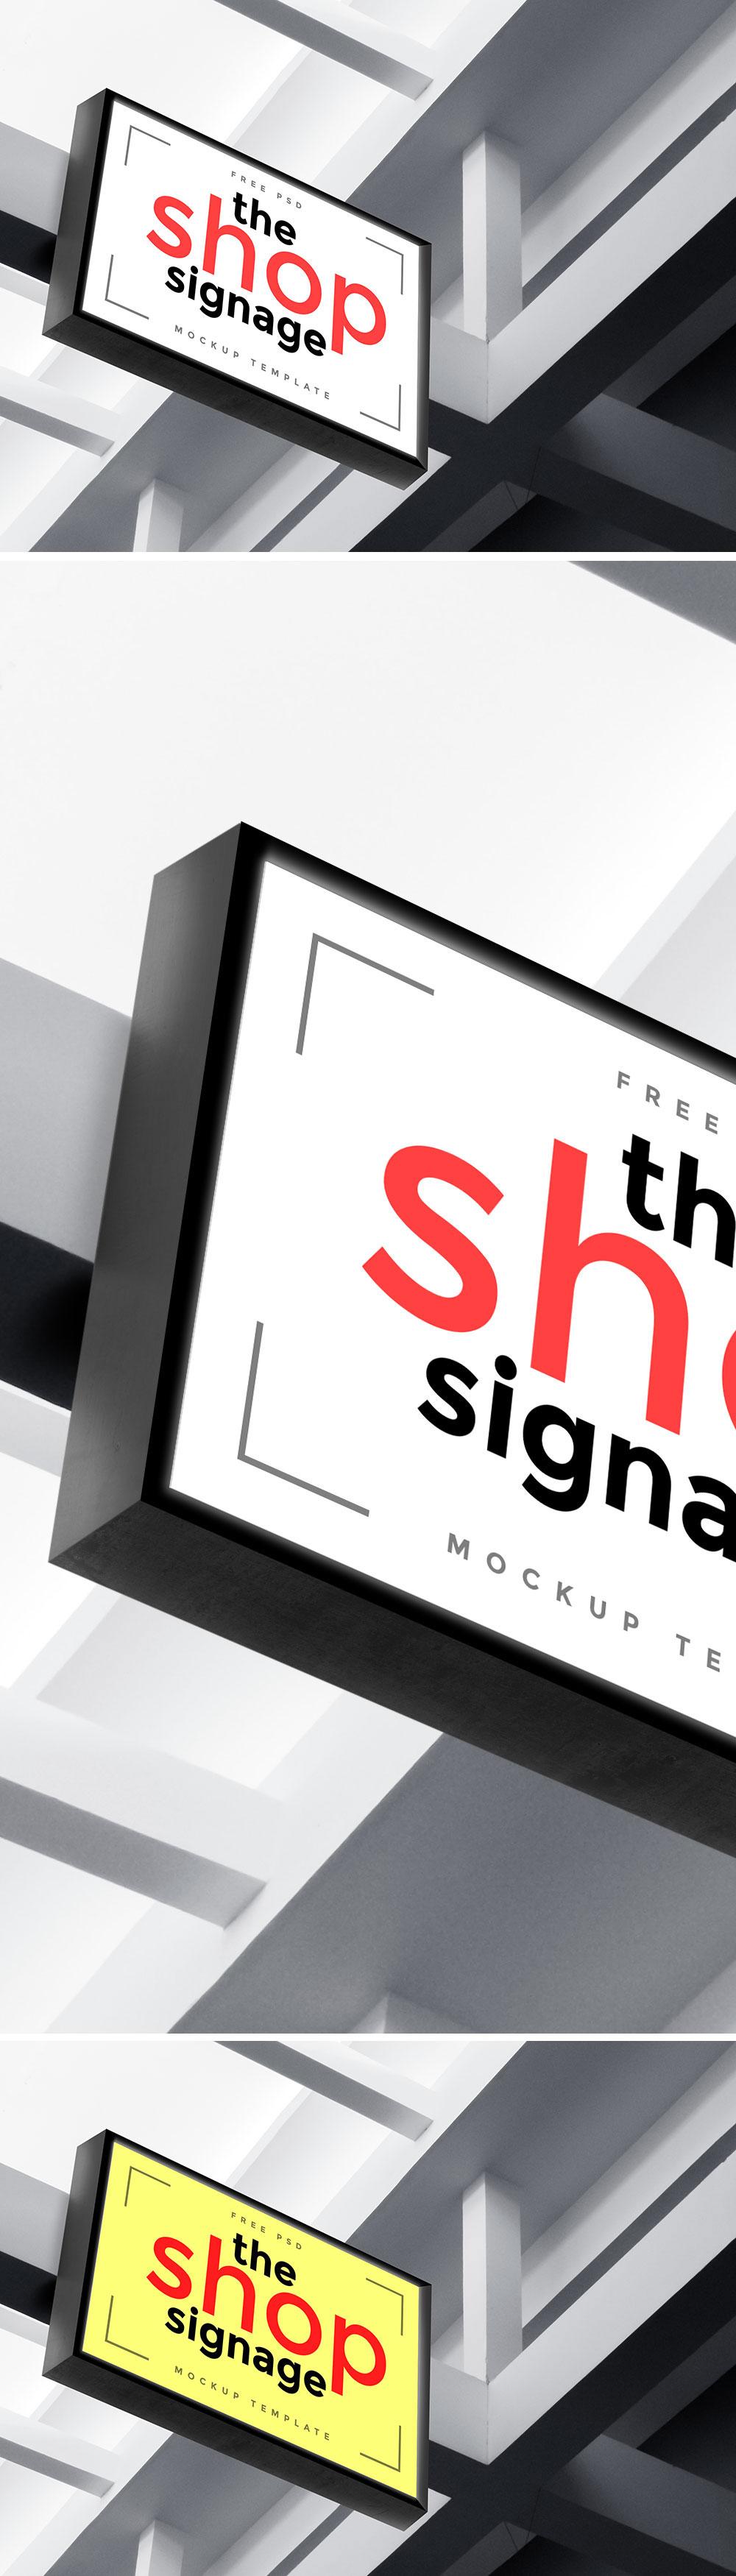 户外、引导标示、门头和店铺招牌设计展示模型(Mockup)PSD下载